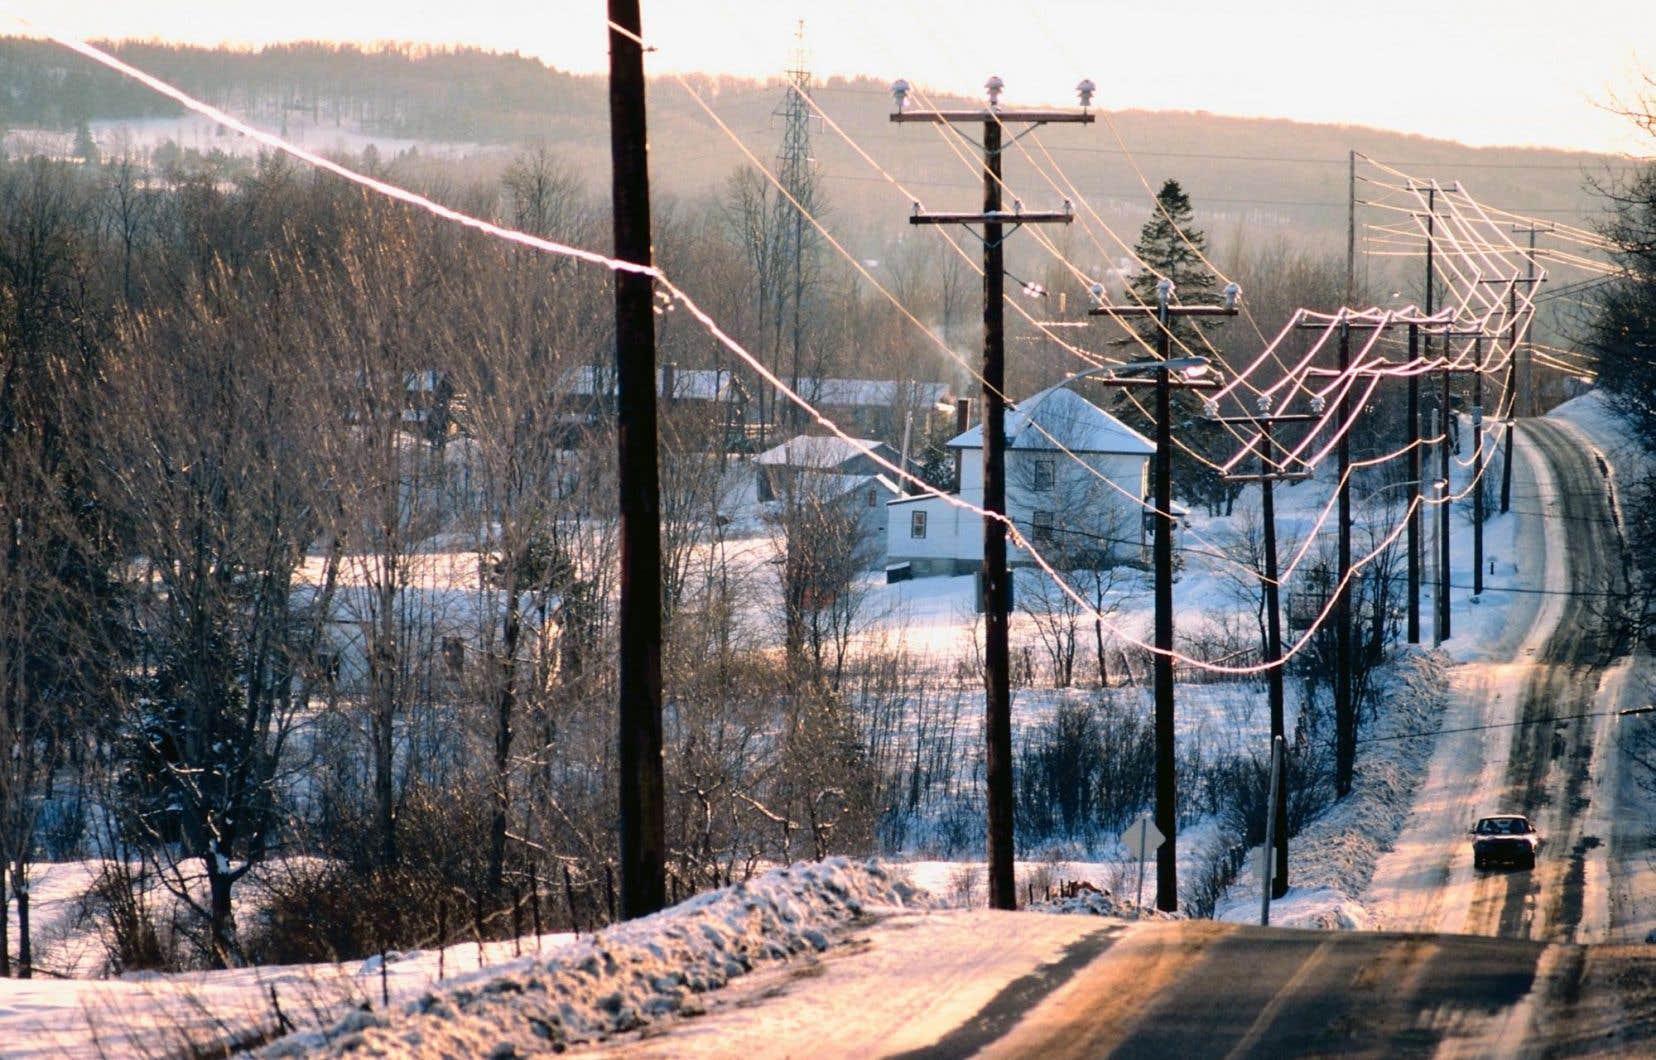 Le Québec n'est pas un assemblage de territoires homogènes. Ce qui influence le développement varie d'une région à l'autre.